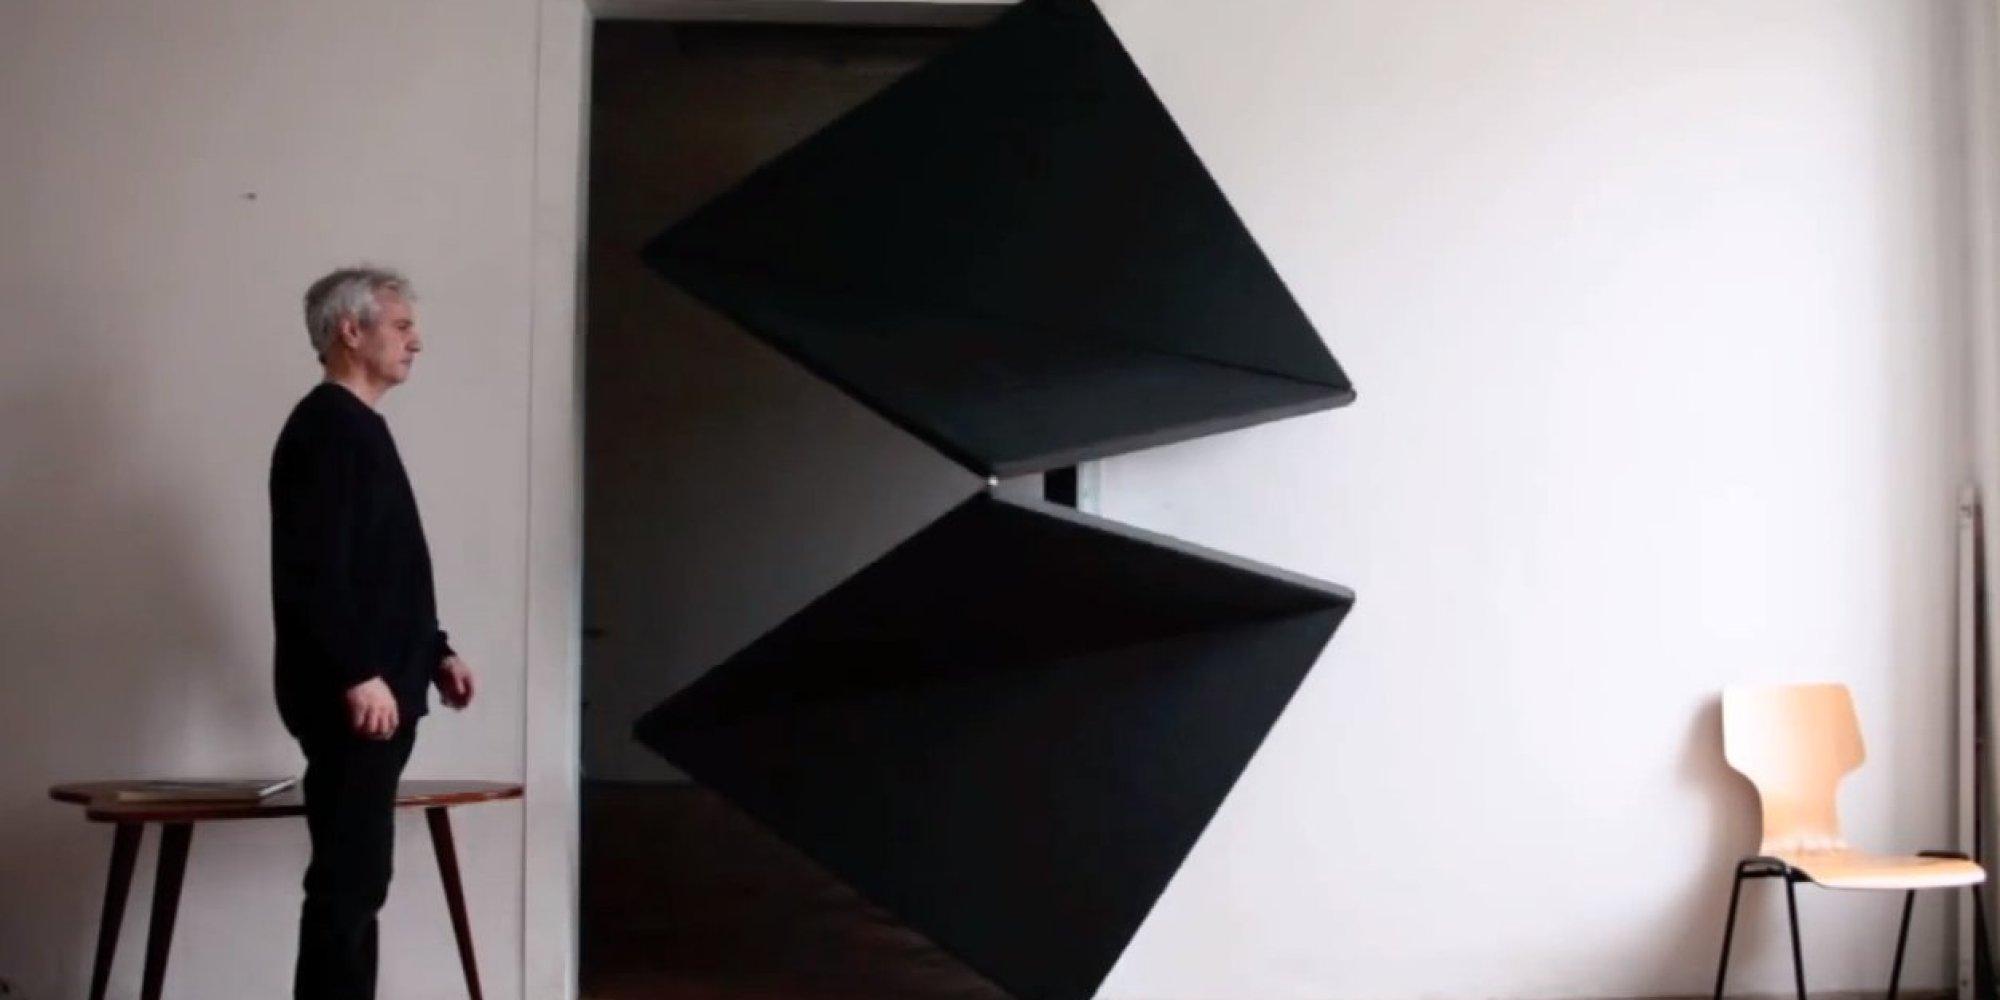 & Artist Klemens Torggler Reinvents The Door | HuffPost pezcame.com